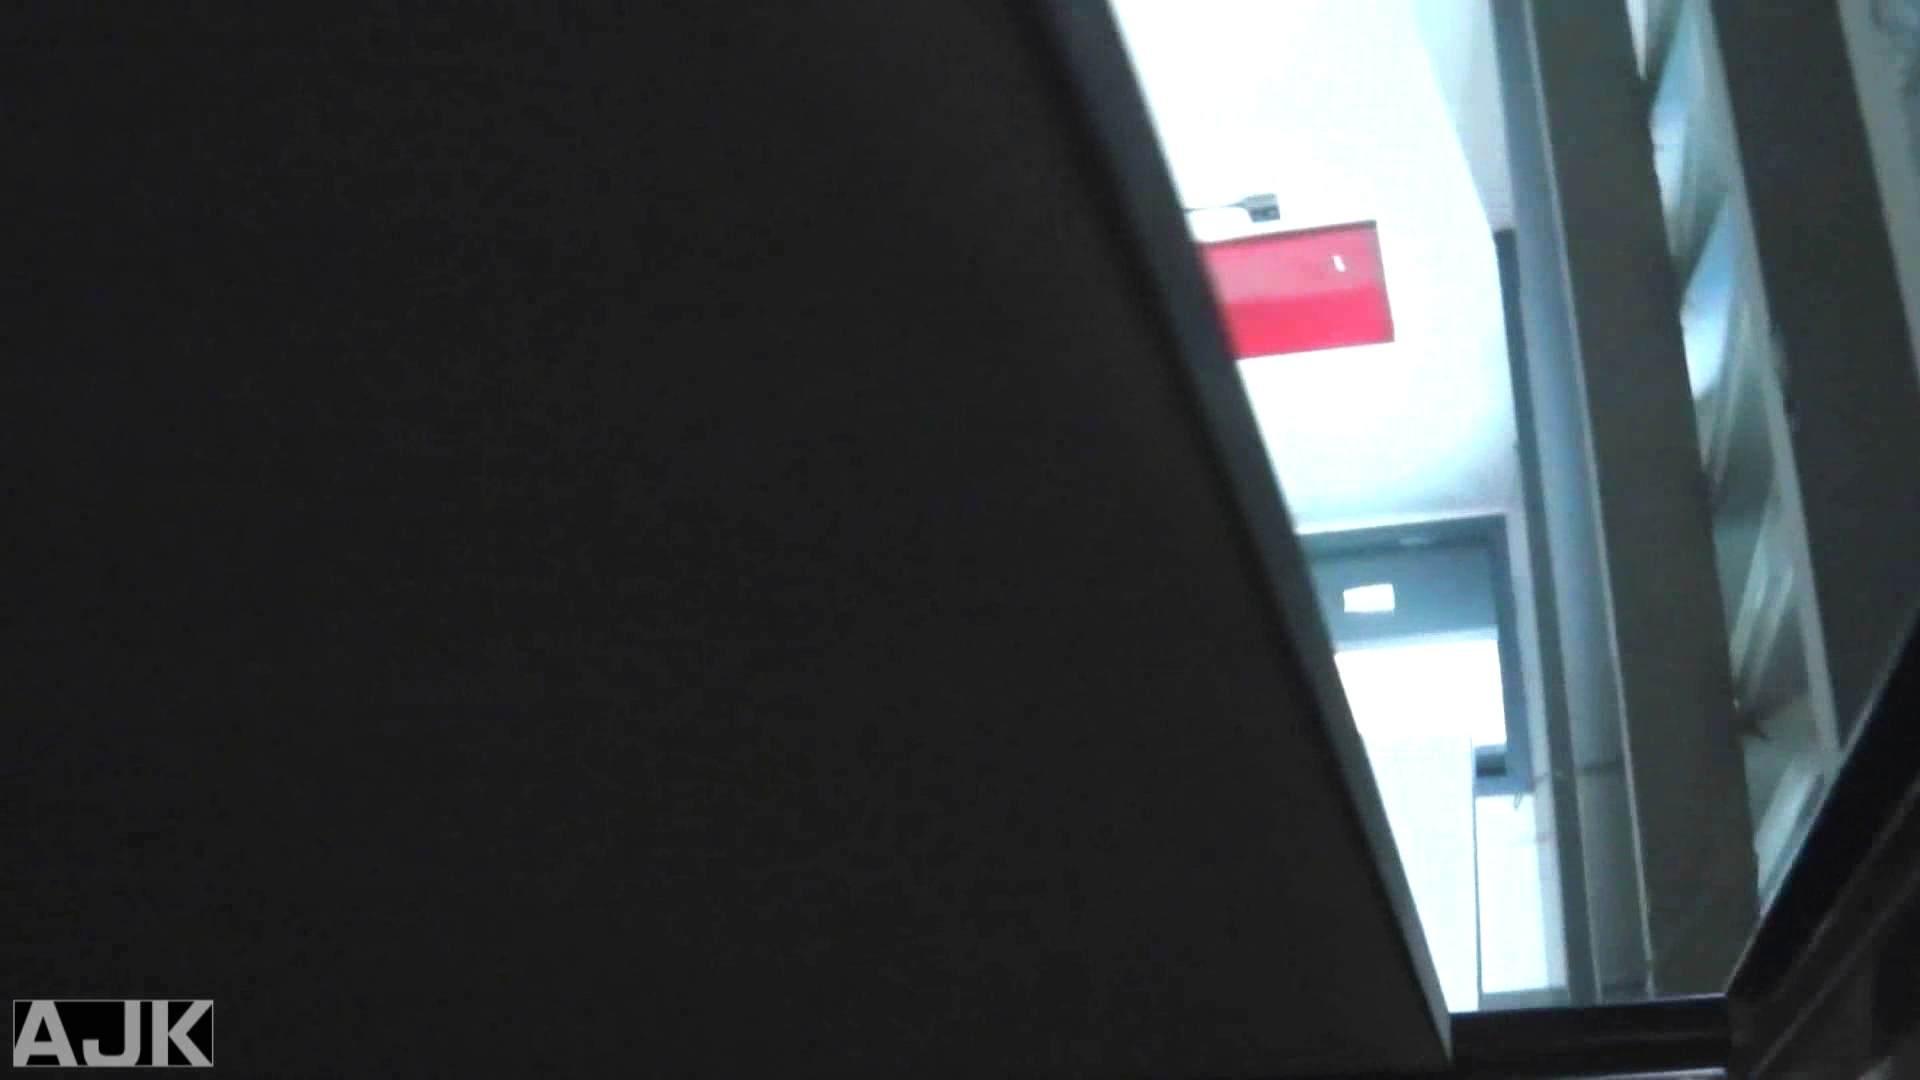 隣国上階級エリアの令嬢たちが集うデパートお手洗い Vol.25 おまんこ オメコ無修正動画無料 65画像 54